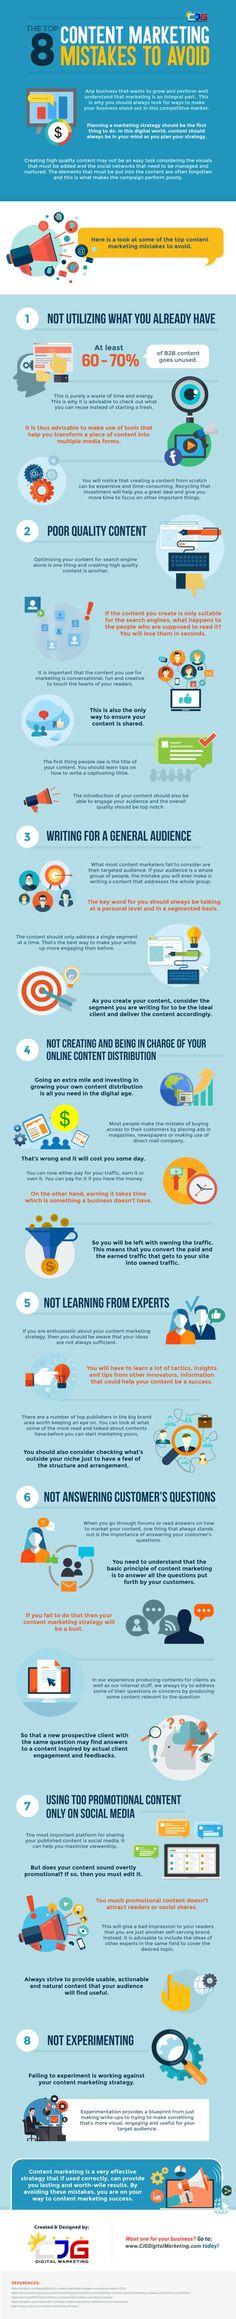 The Top 8 Content Marketing Mistakes To Avoid [Infographic] - @redwebdesign Clique aqui http://www.estrategiadigital.pt/ferramentas-de-marketing-digital/ e confira agora mesmo as nossas recomendações de Ferramentas de Marketing Digital